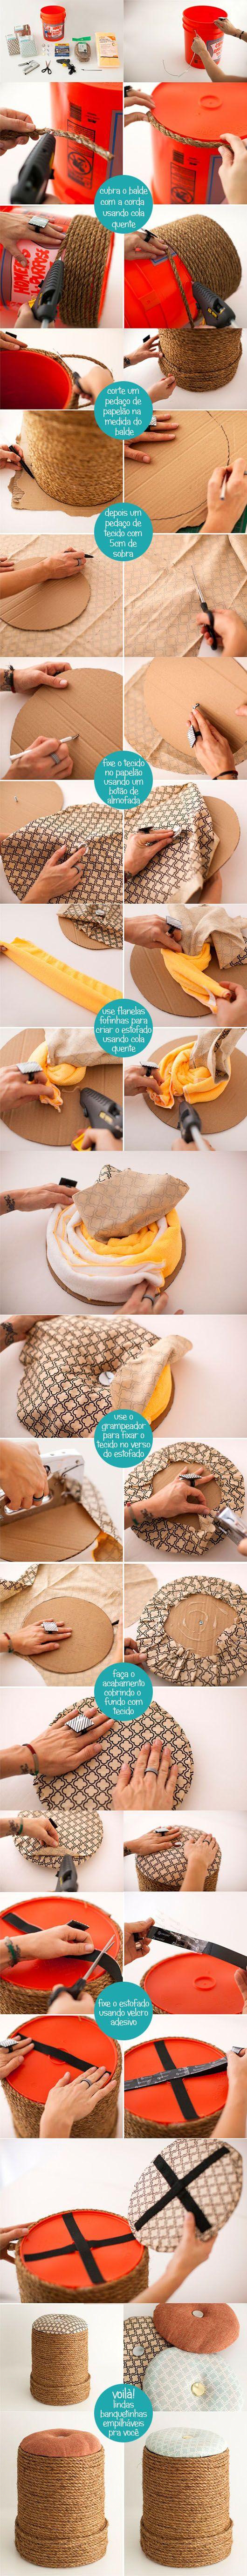 DIY – Passo a Passo: Baldes de plástico viram banquetas! Adoro!!!!